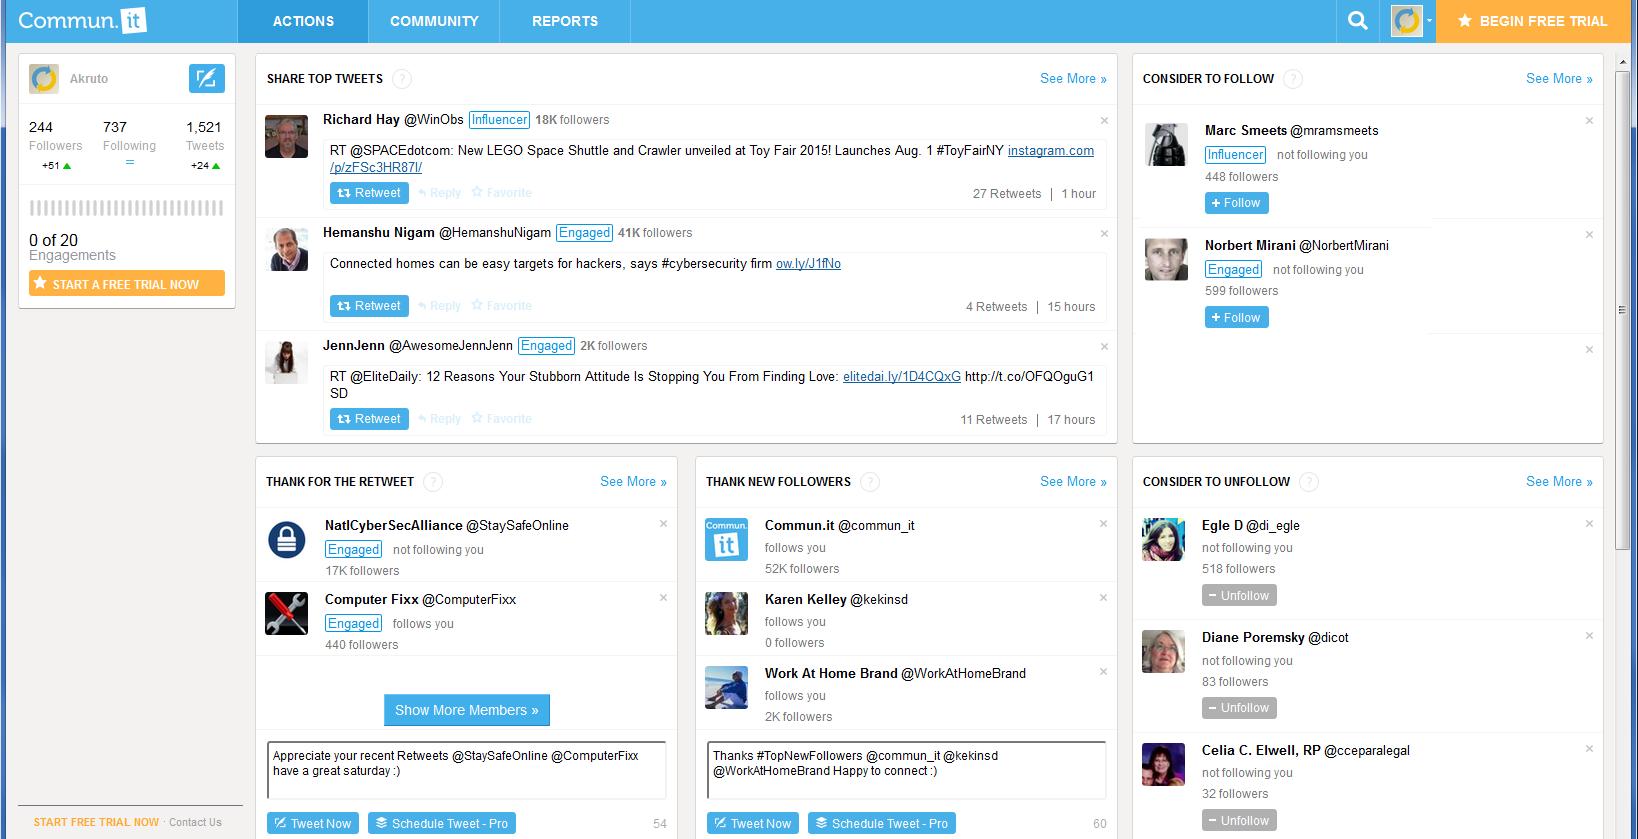 commun.it screenshot influencer